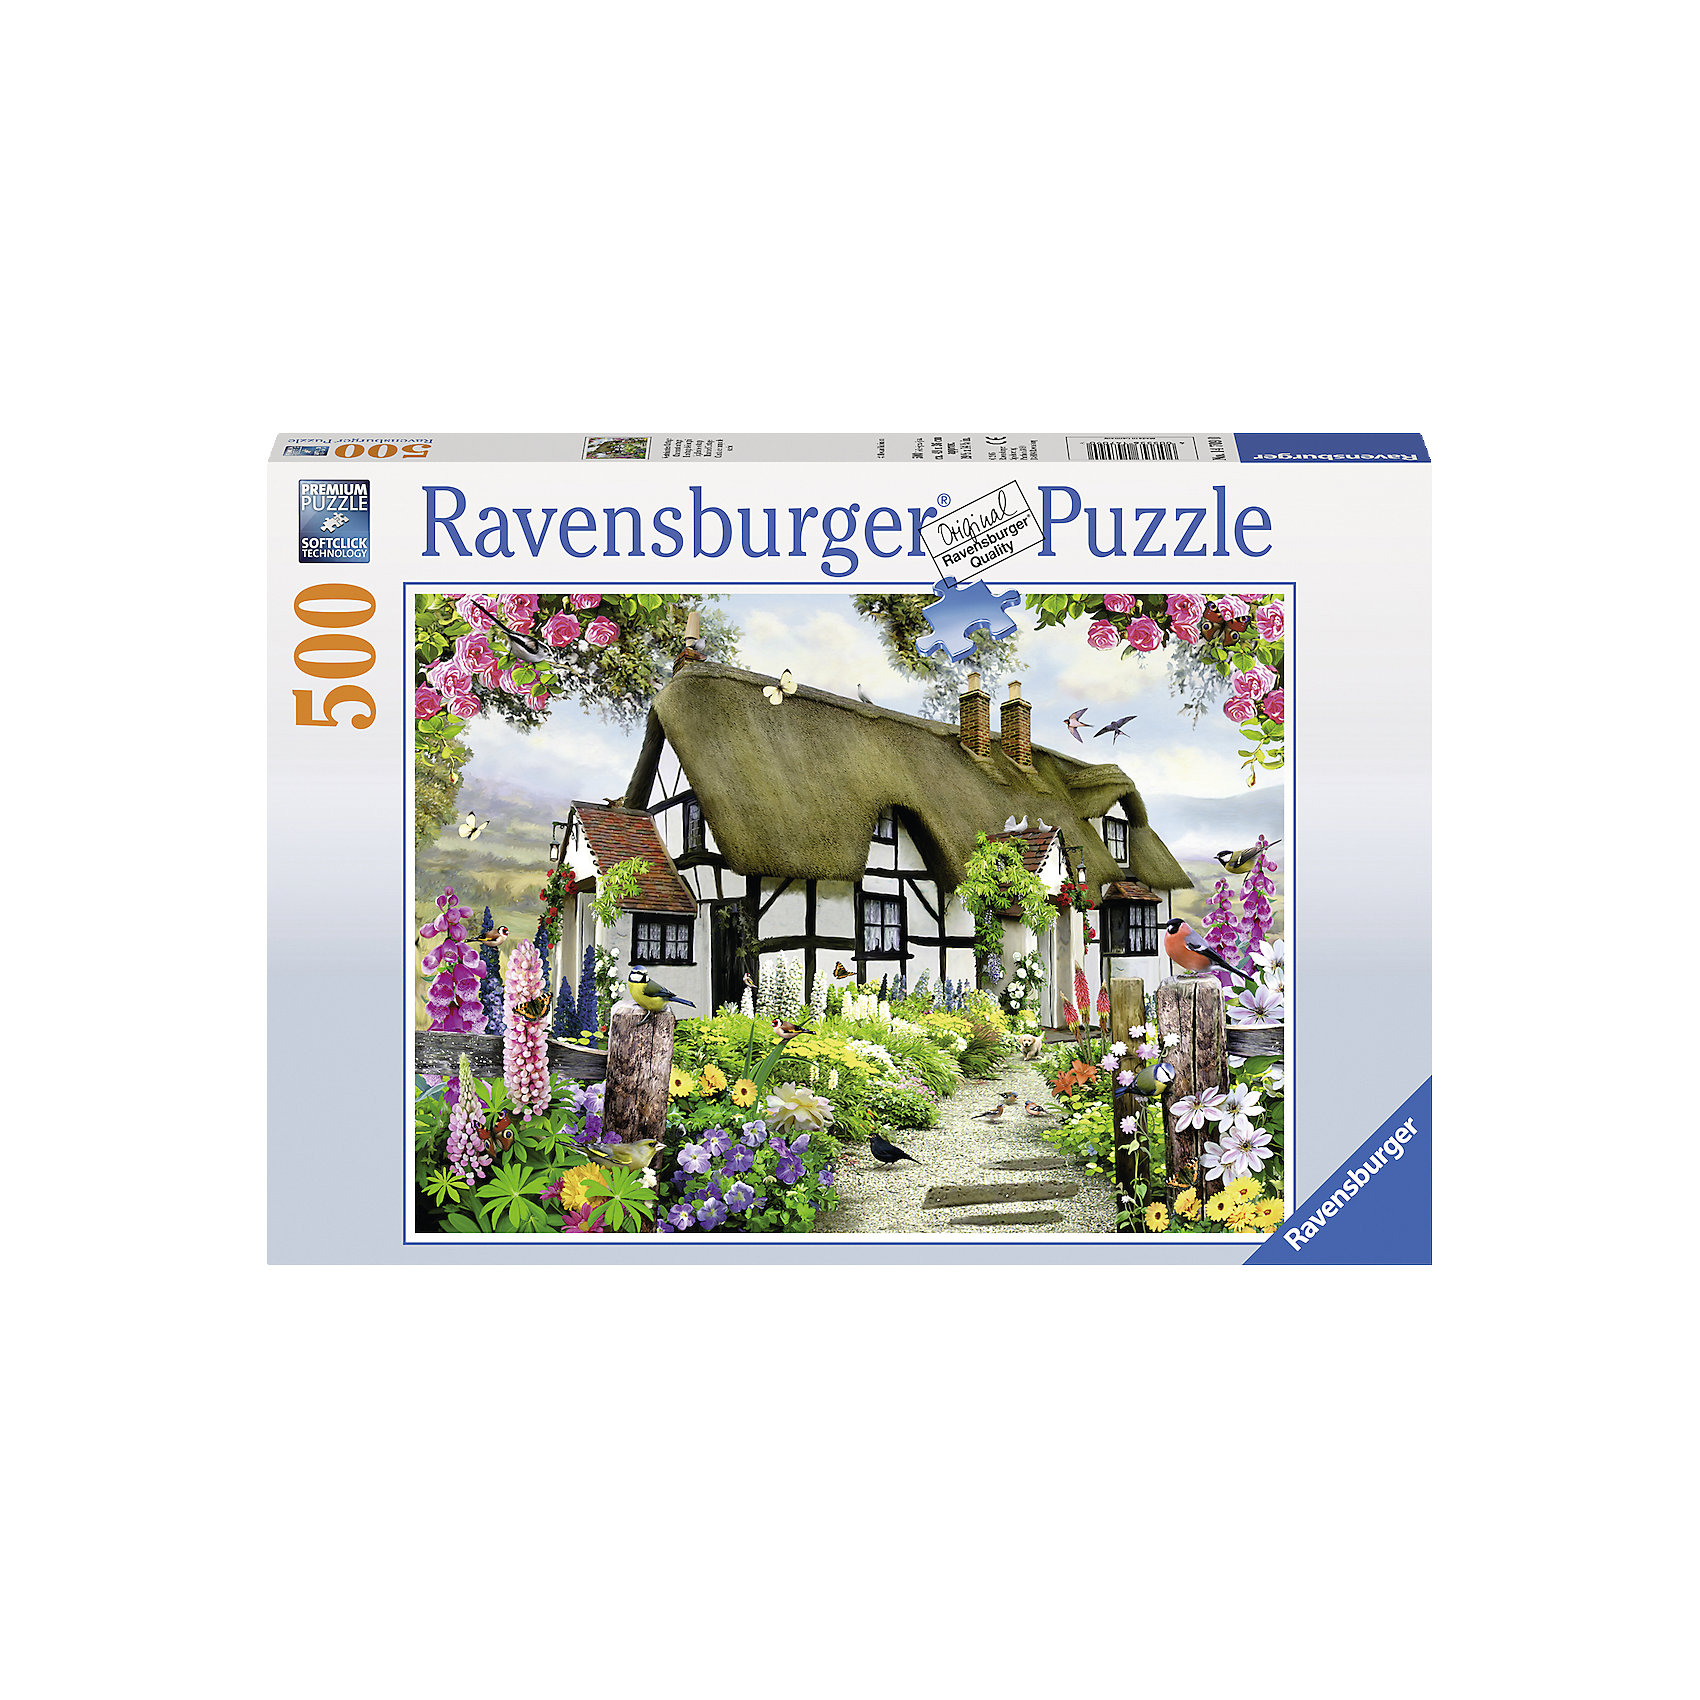 Пазл «Дом мечты», 500 деталей, RavensburgerПазлы для детей постарше<br>Любителям собирать пазлы может понравиться красивая мозаика Дом мечты. Это довольно большой пазл, собрать который смогут дети от 9 лет. Он состоит из 500 элементов, большое количество которых представляют растительность. Готовая картина представляет собой белоснежный дом с оригинальной крышей, стоящий в окружении яркой зелени и красивых цветов. Все детали очень качественные и не будут расклеиваться при использовании.<br>В товар входит:<br>-500 деталей<br><br>Дополнительная информация:<br>-Размер картинки 61*46 см <br>-Размер упаковки 33*23*5,5 см <br>-Возраст: от 9 лет<br>-Для девочек и мальчиков<br>-Состав: картон, бумага<br>-Бренд: Ravensburger (Равенсбургер)<br>-Страна обладатель бренда: Германия<br><br>Ширина мм: 335<br>Глубина мм: 231<br>Высота мм: 37<br>Вес г: 547<br>Возраст от месяцев: 108<br>Возраст до месяцев: 228<br>Пол: Унисекс<br>Возраст: Детский<br>Количество деталей: 500<br>SKU: 4441716